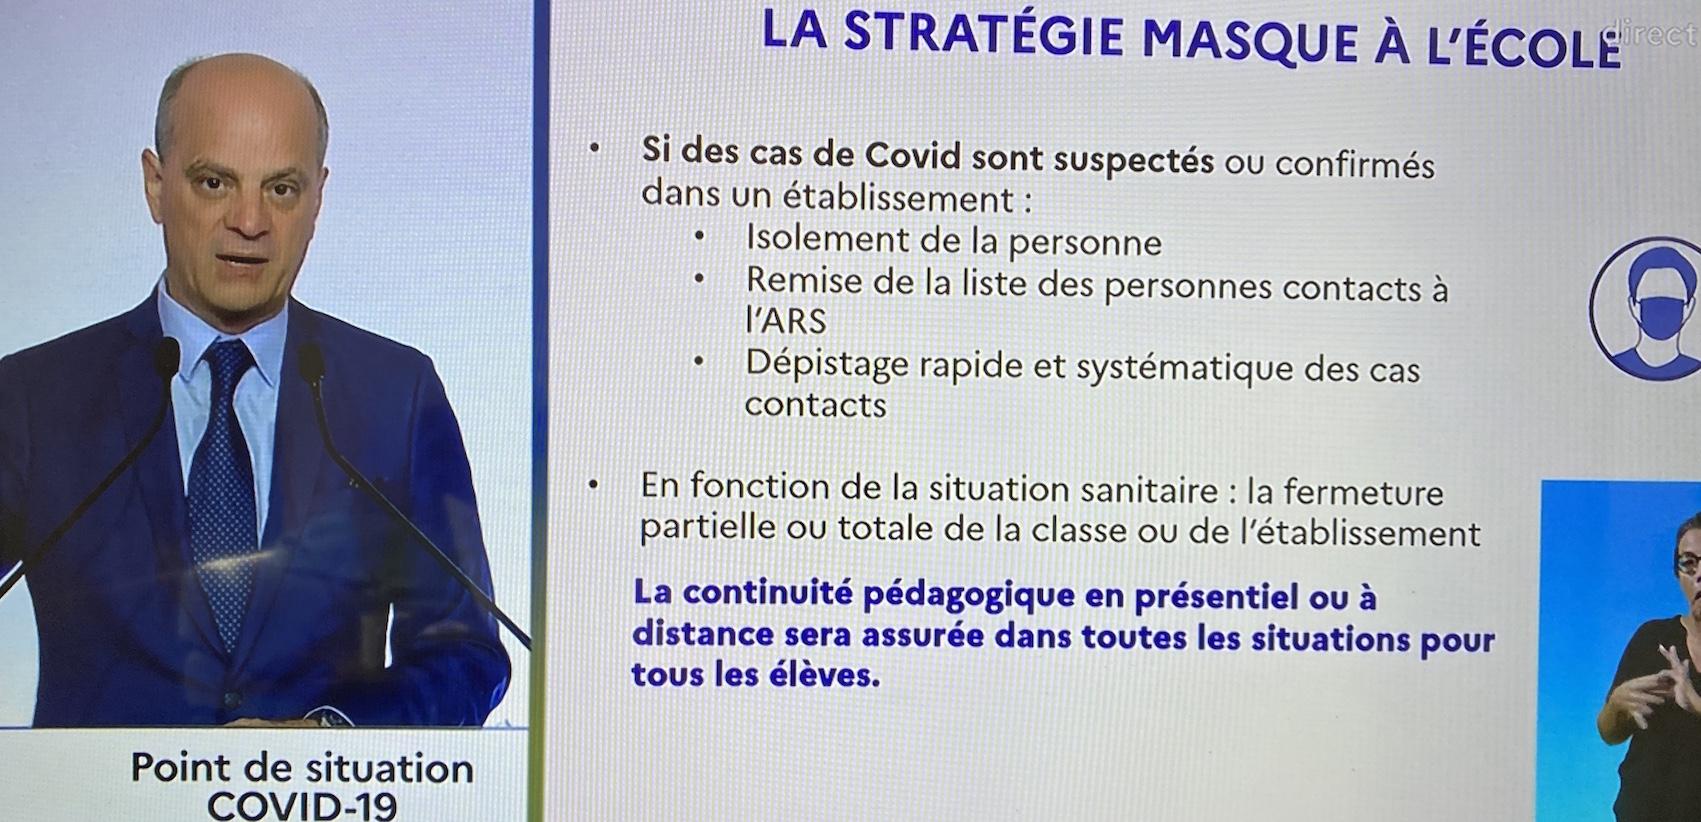 Jean Michel Blanquer, ministre de l'Education